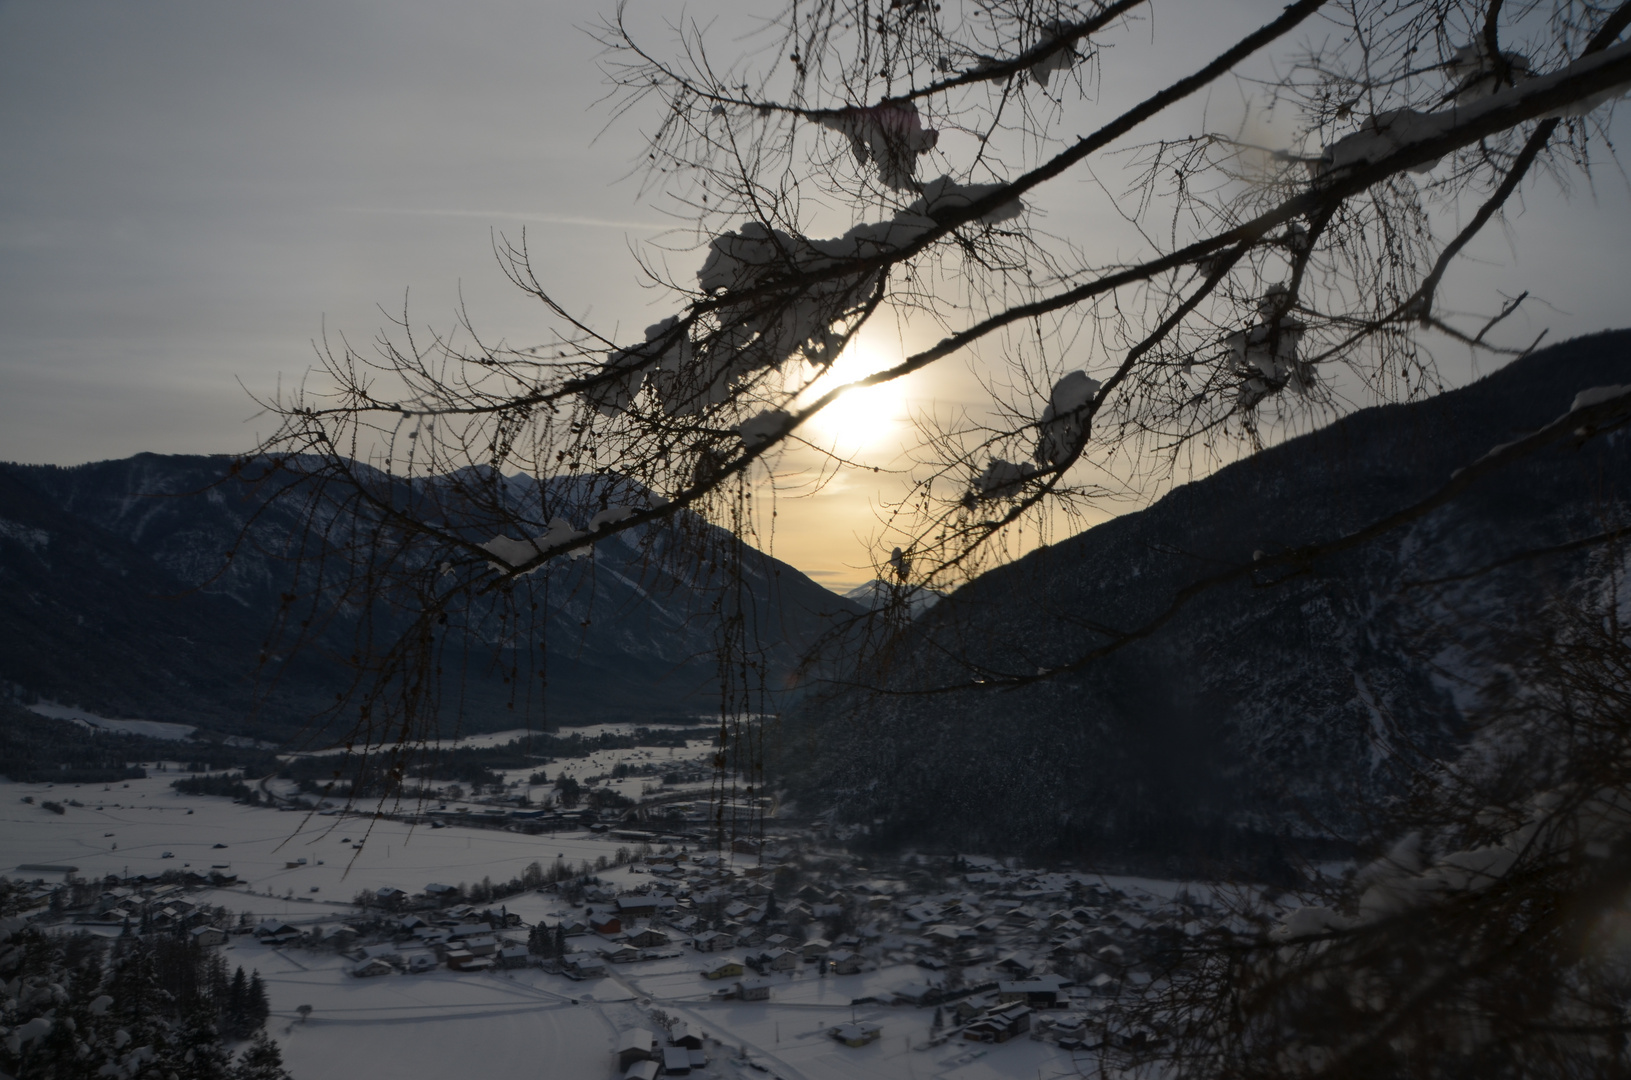 Klettersteig Nassereith : Lärche über nassereith foto & bild landschaft berge